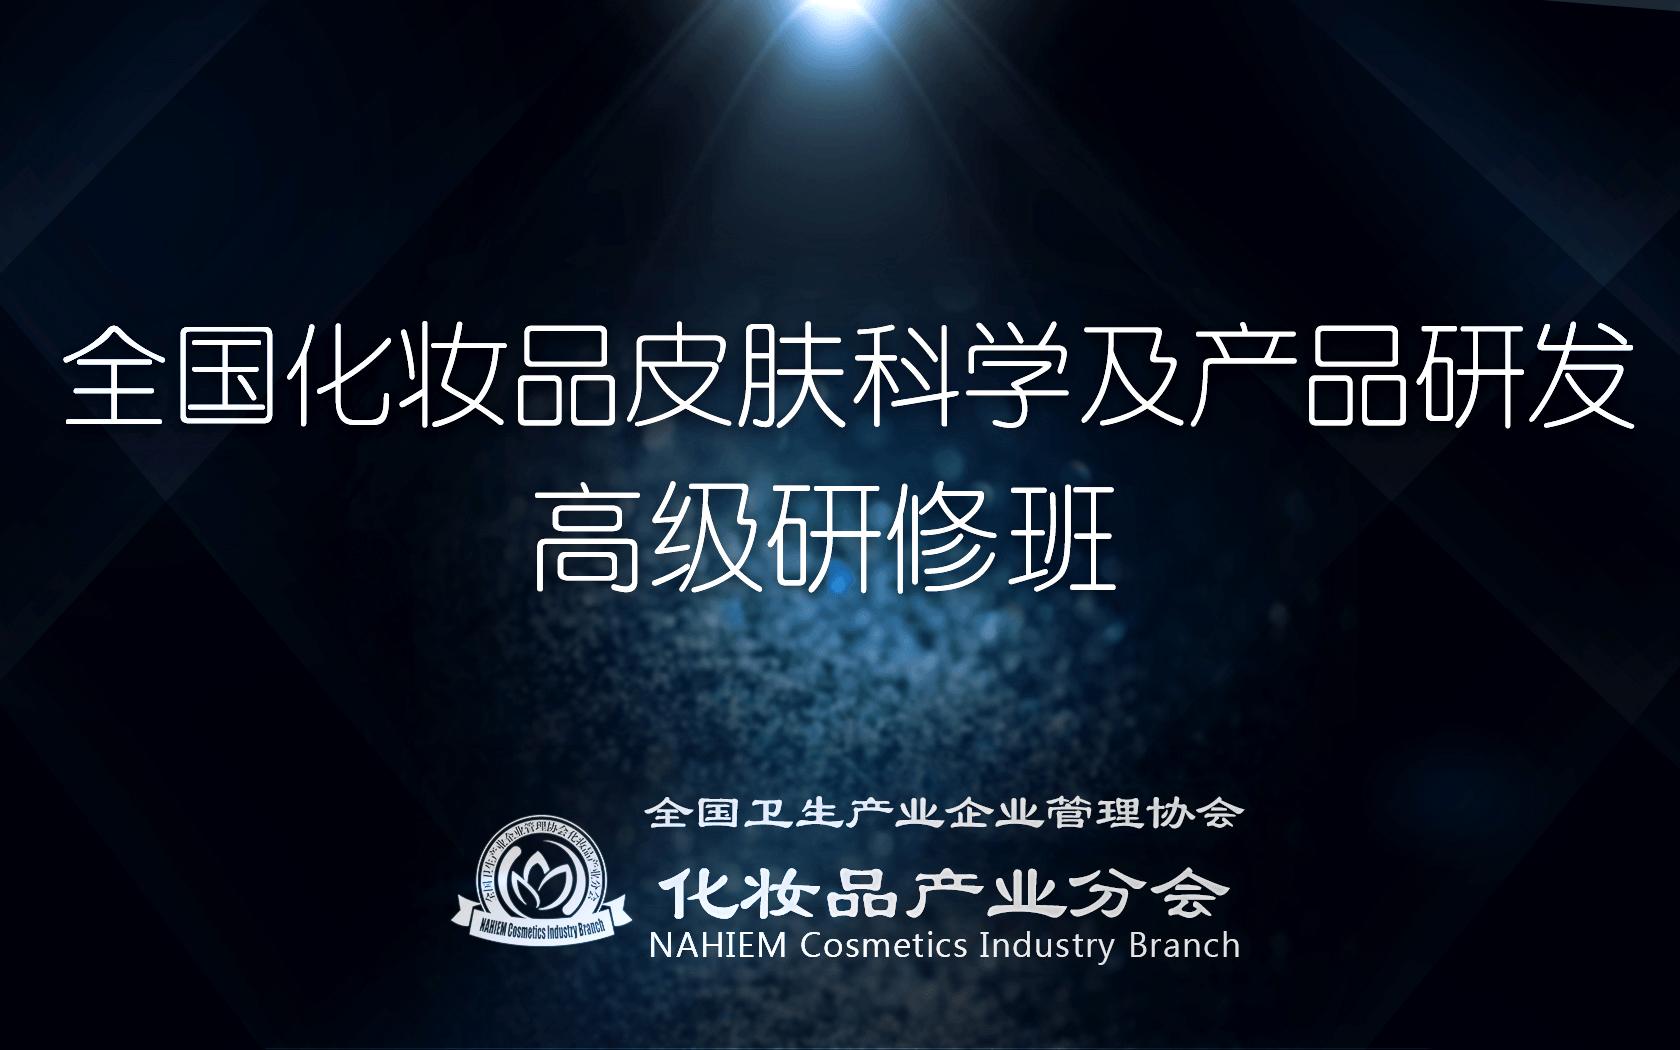 2019全国化妆品皮肤科学及产品开发研修班(一期)北京班